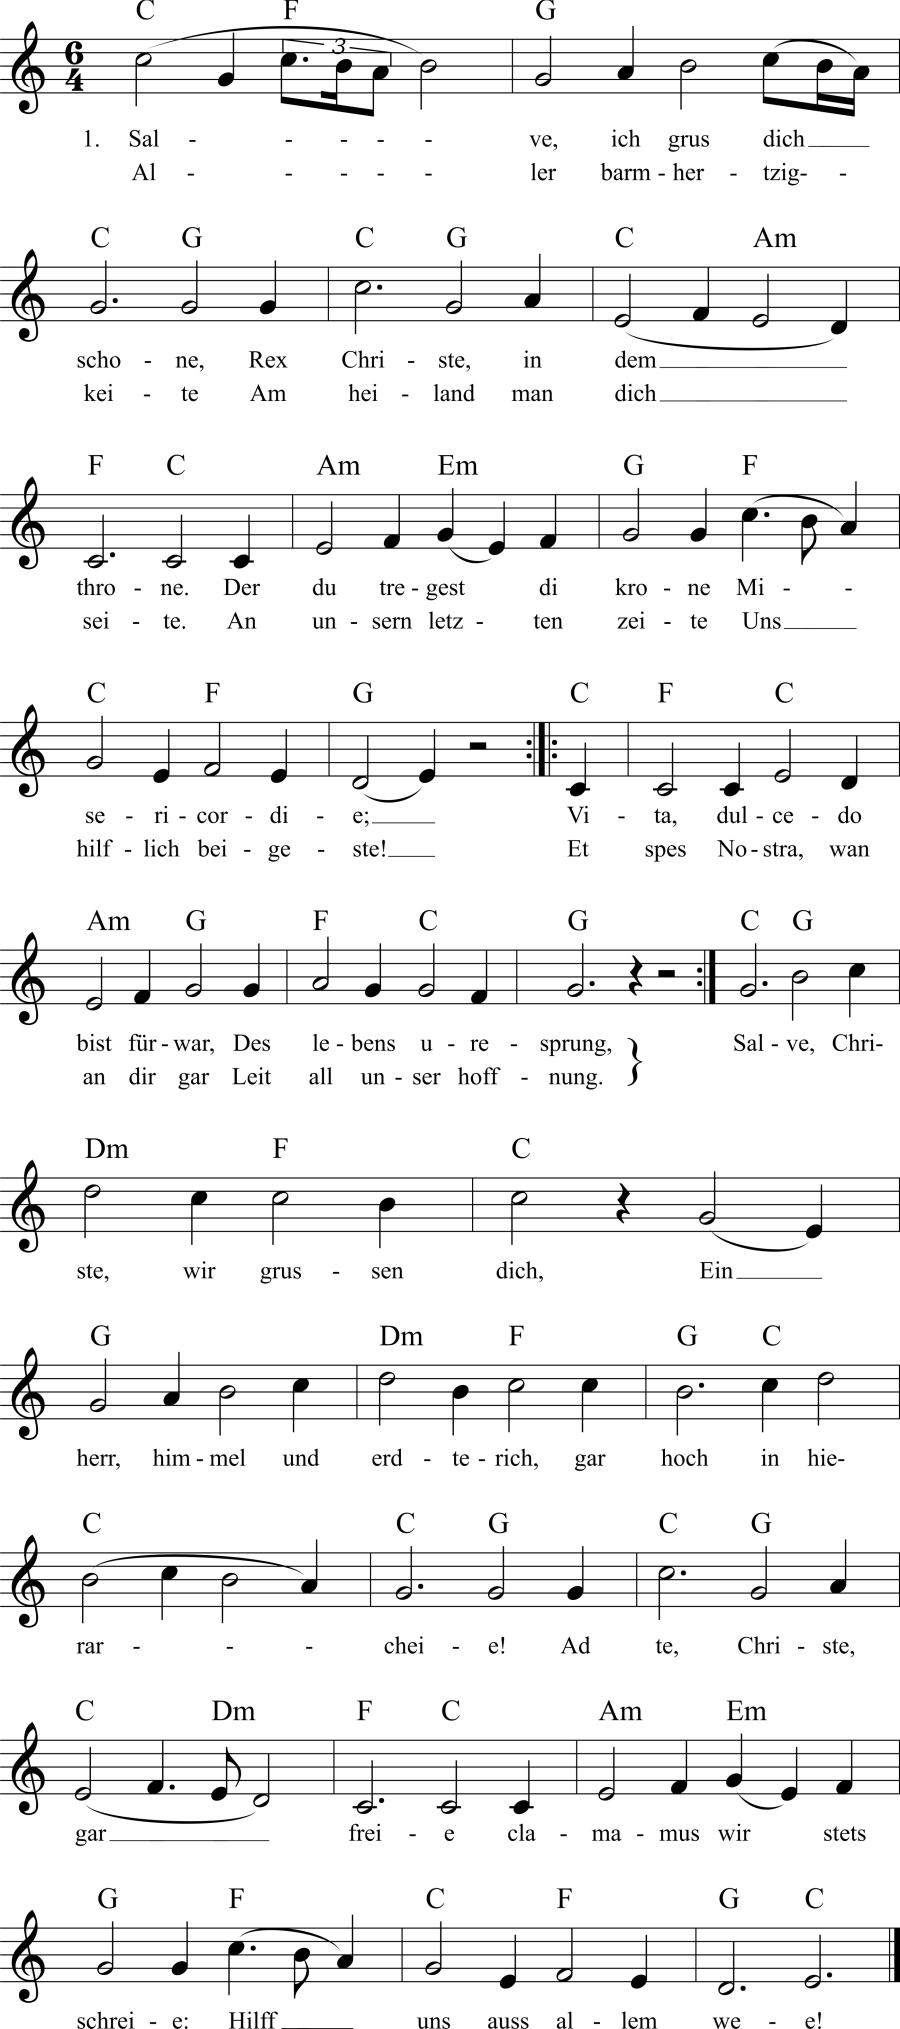 Musiknoten zum Lied Salve, ich grus dich schone